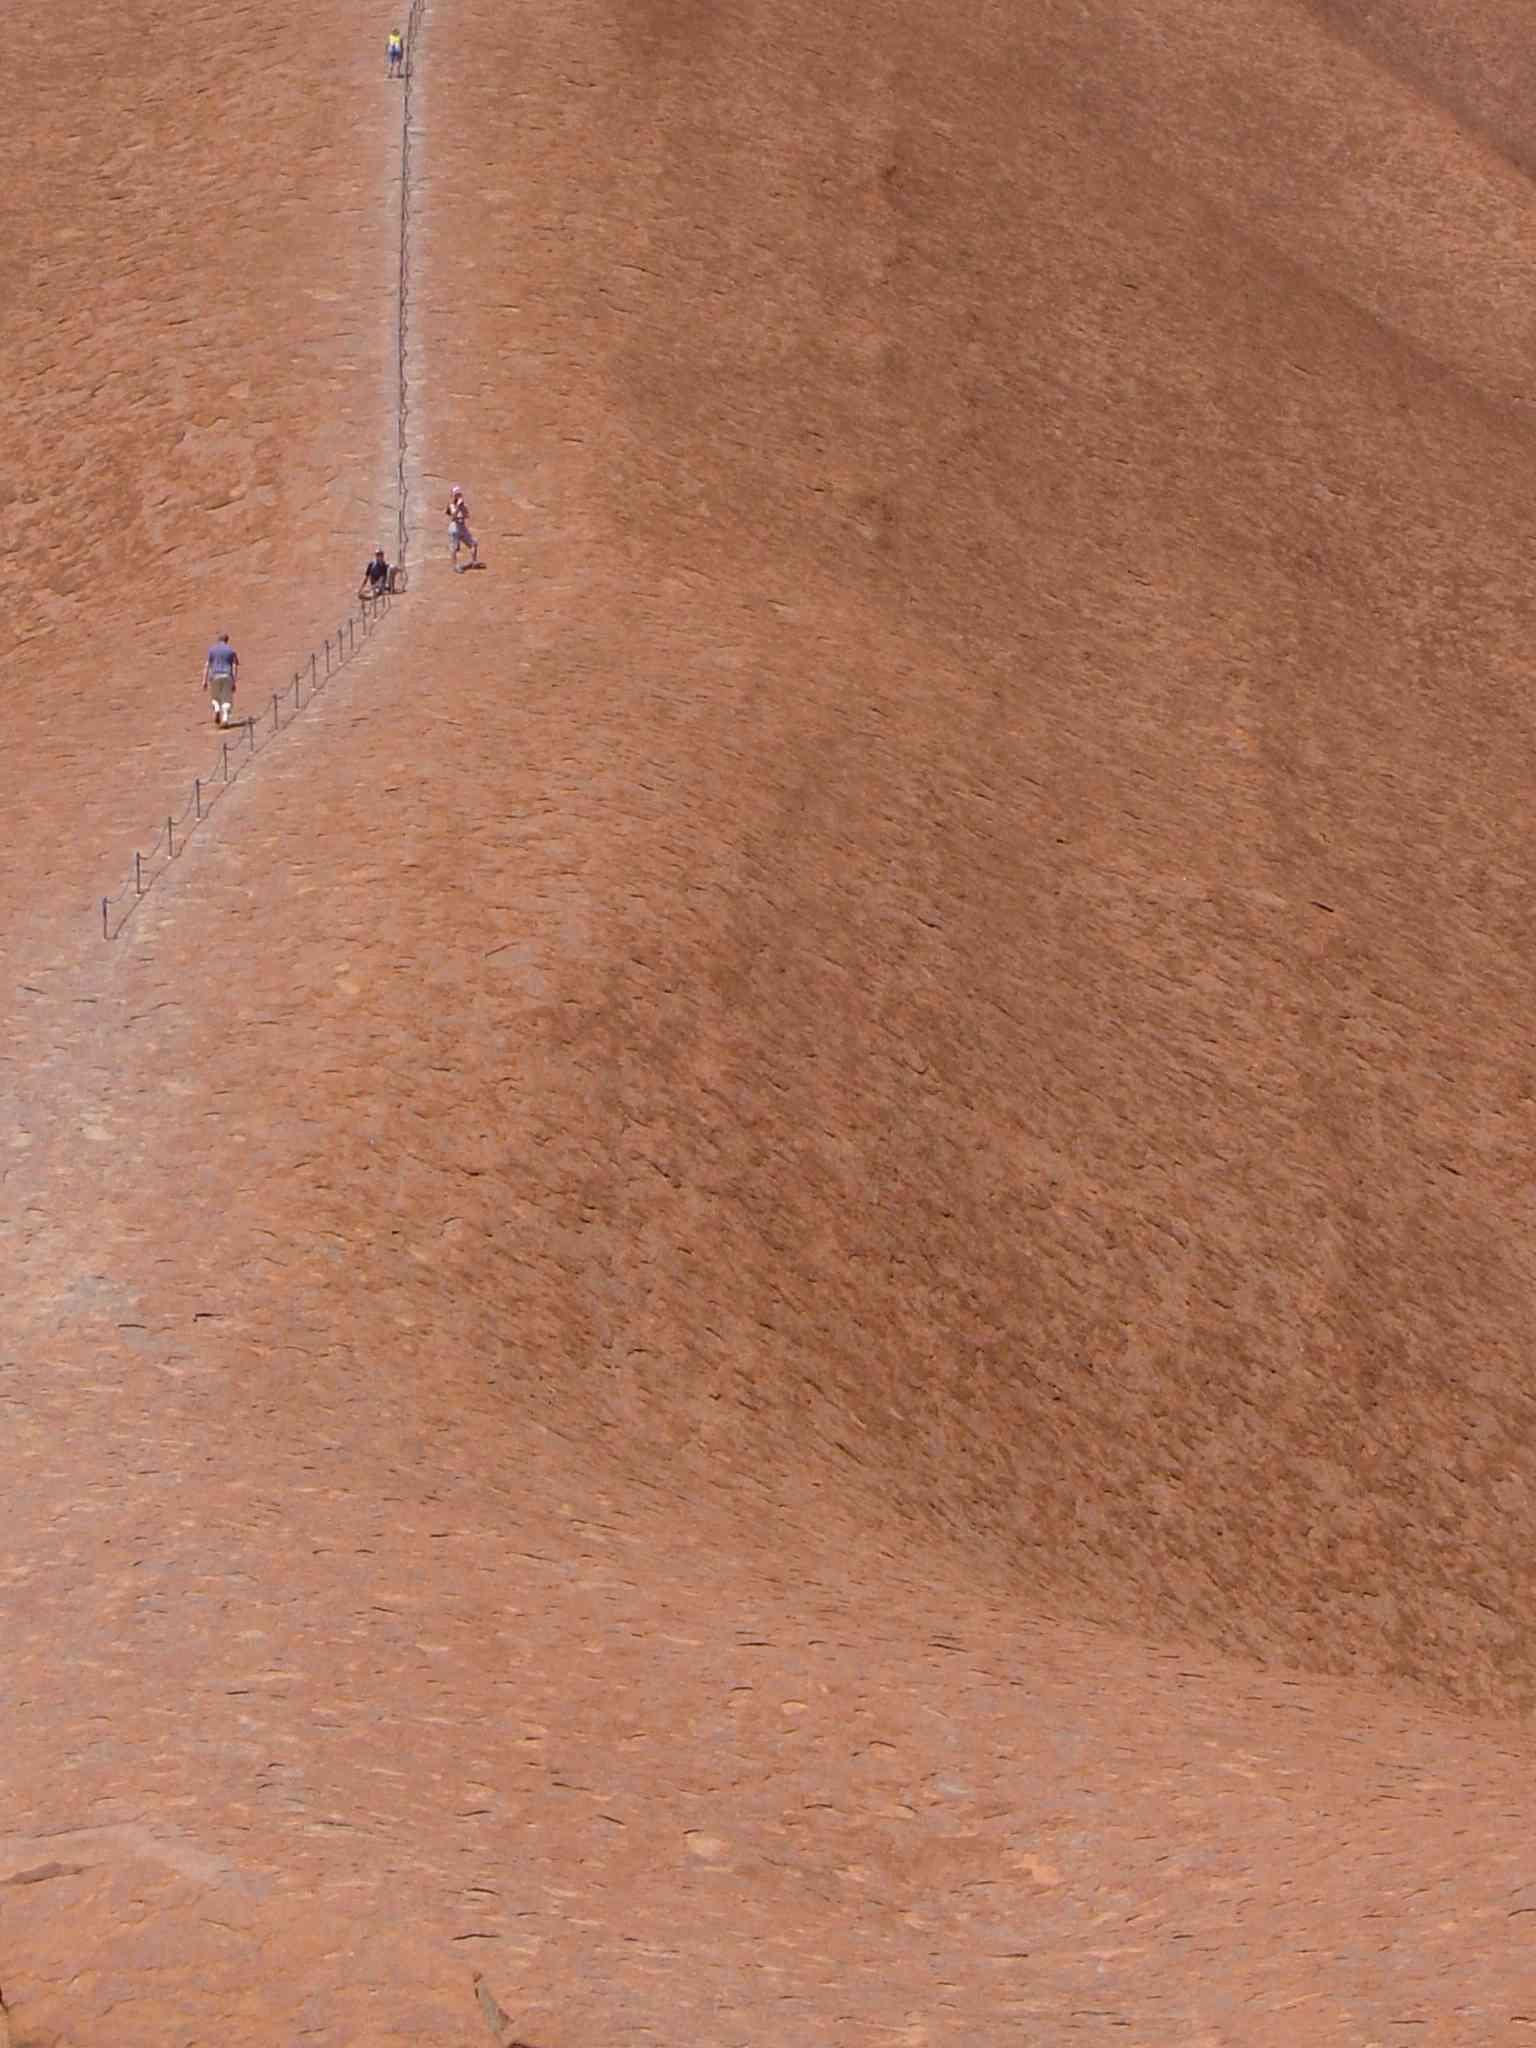 Uluru07